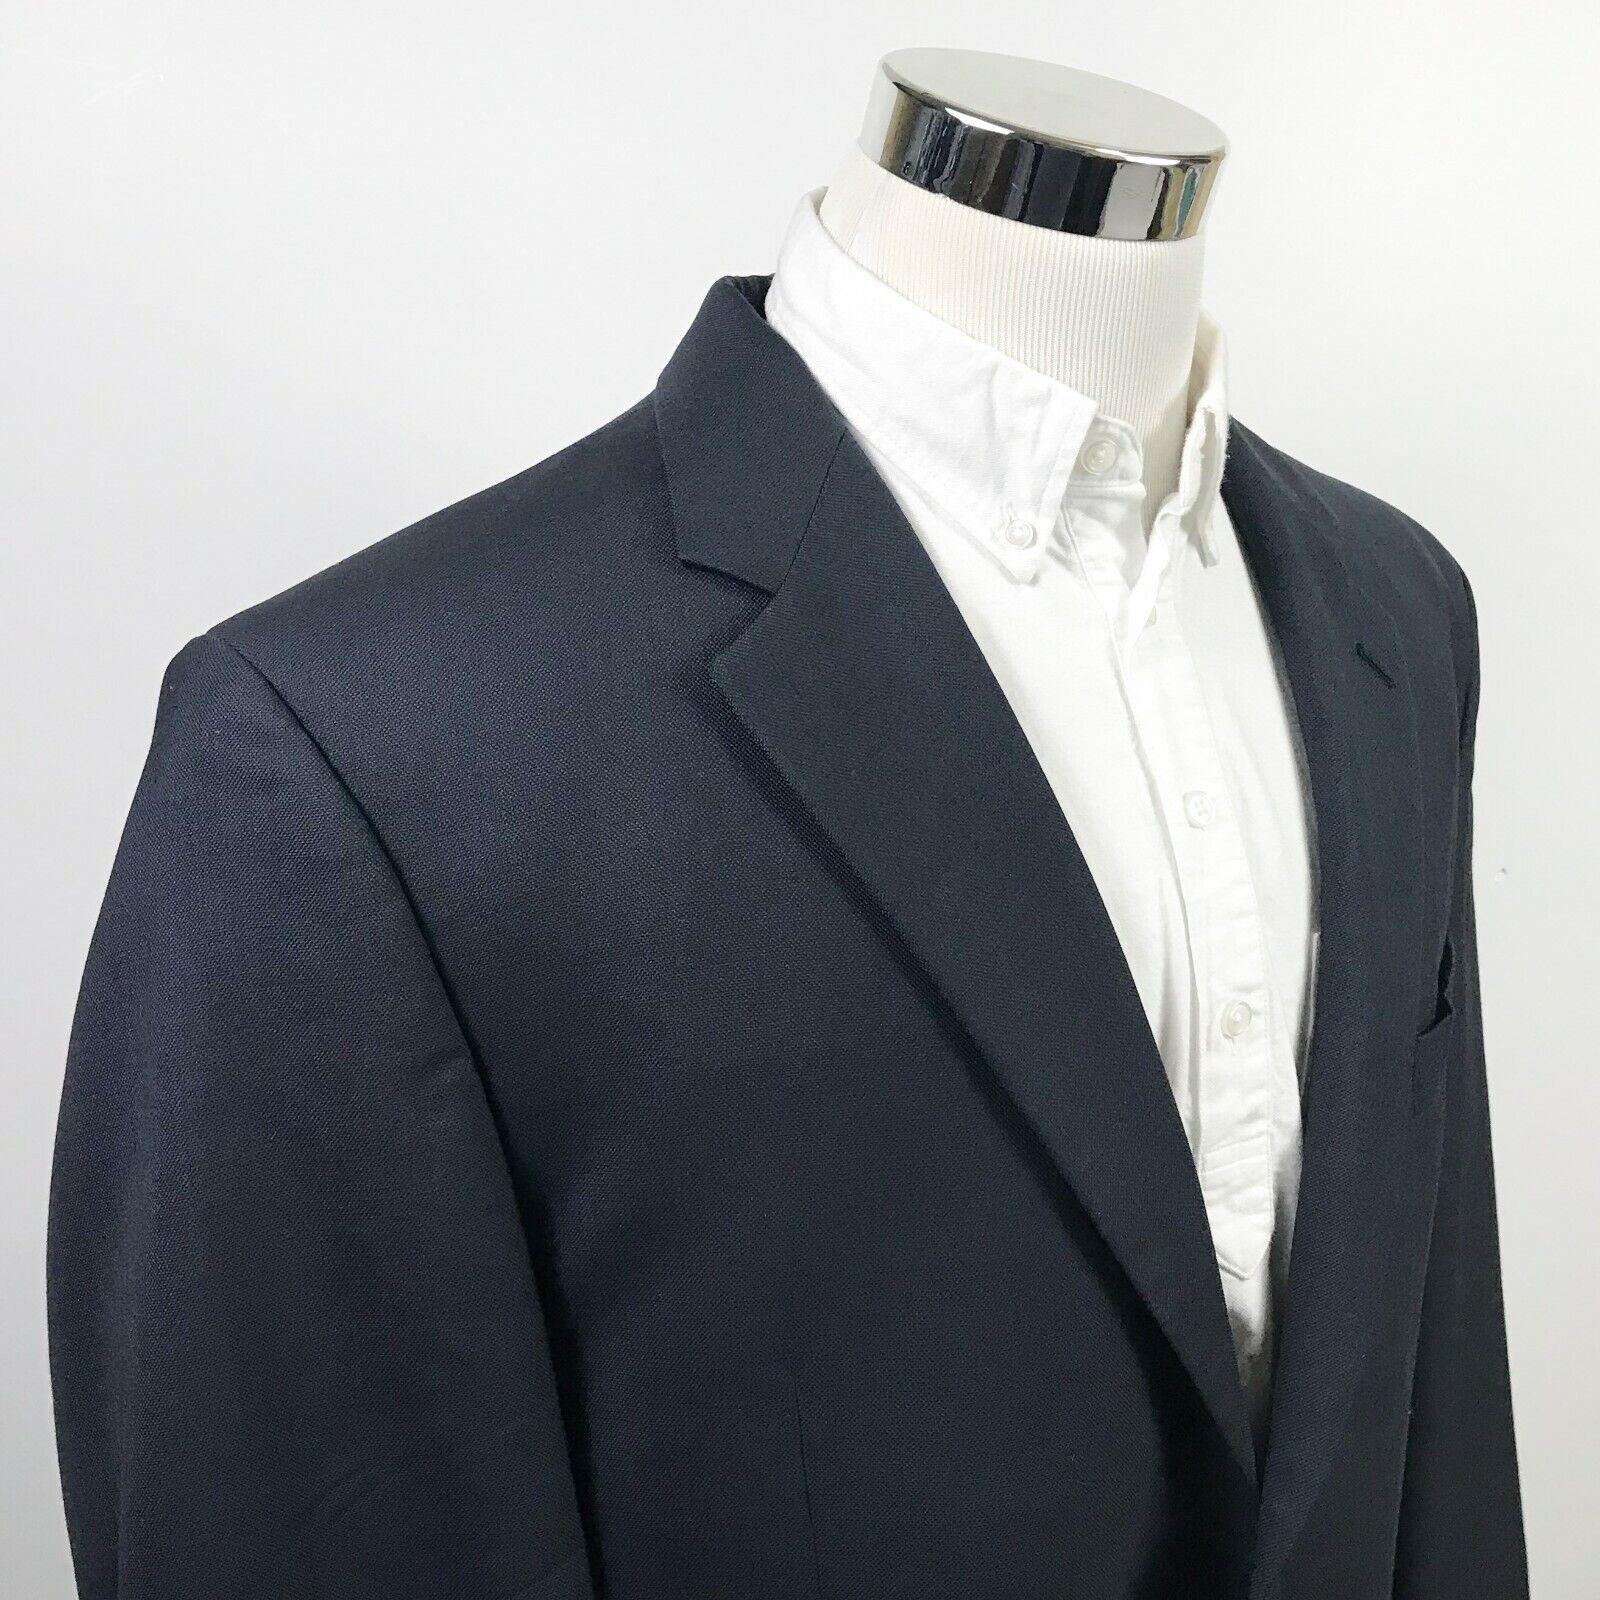 LRL Ralph Lauren 46L Sport Coat Midnight bluee 100% Wool Two Button